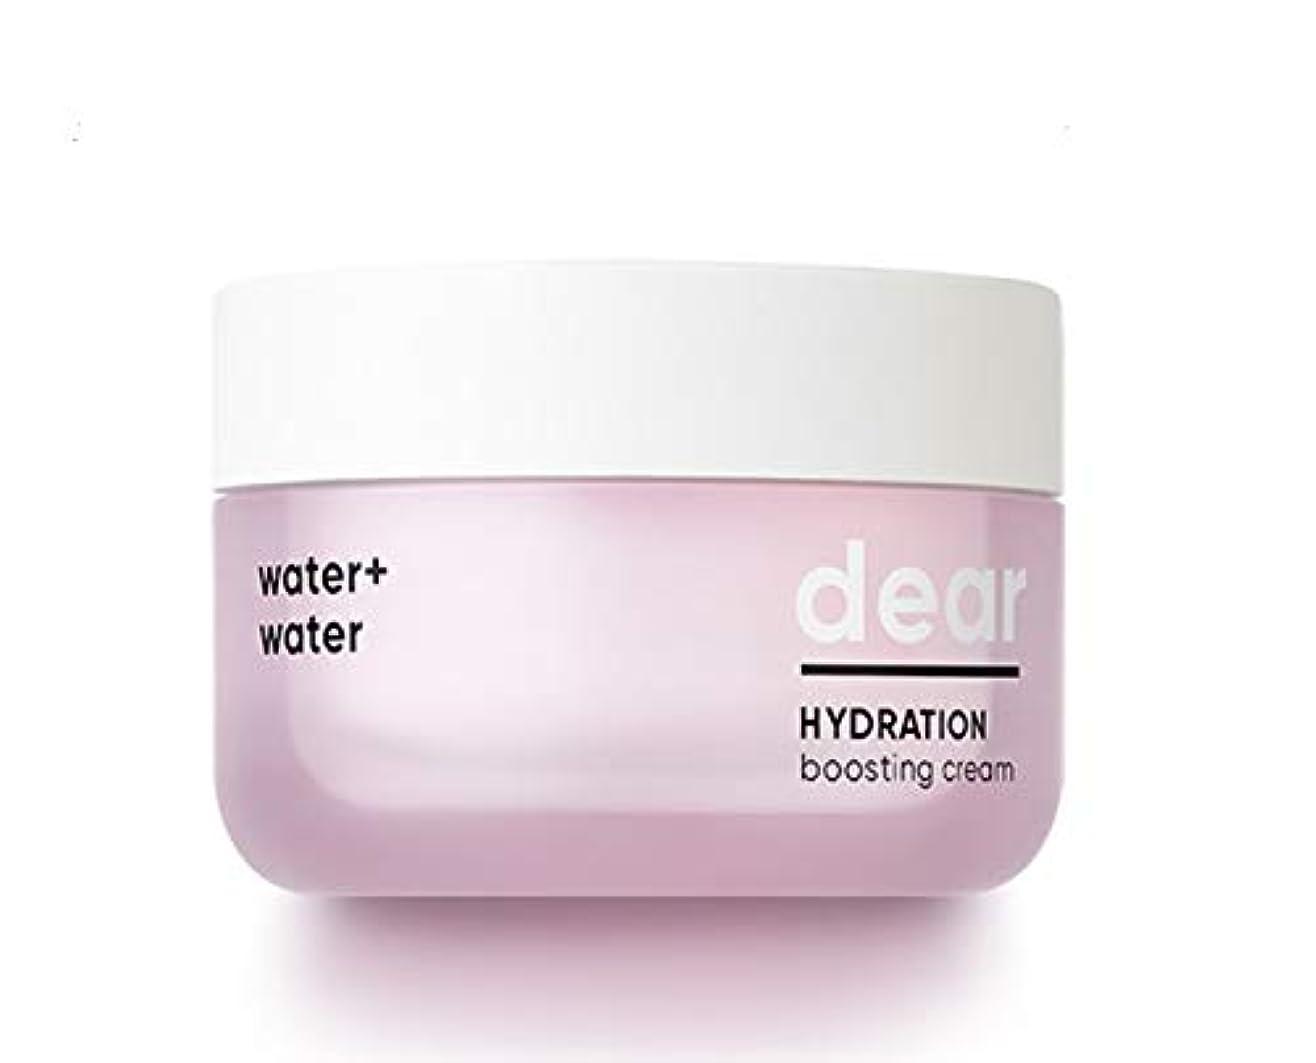 頭蓋骨女将ダンプ[New] BANILA CO dear Hydration Boosting Cream 50ml / (Banila co) パニルラ鼻ディアハイドゥレイションブースティングクリーム50ml [並行輸入品]